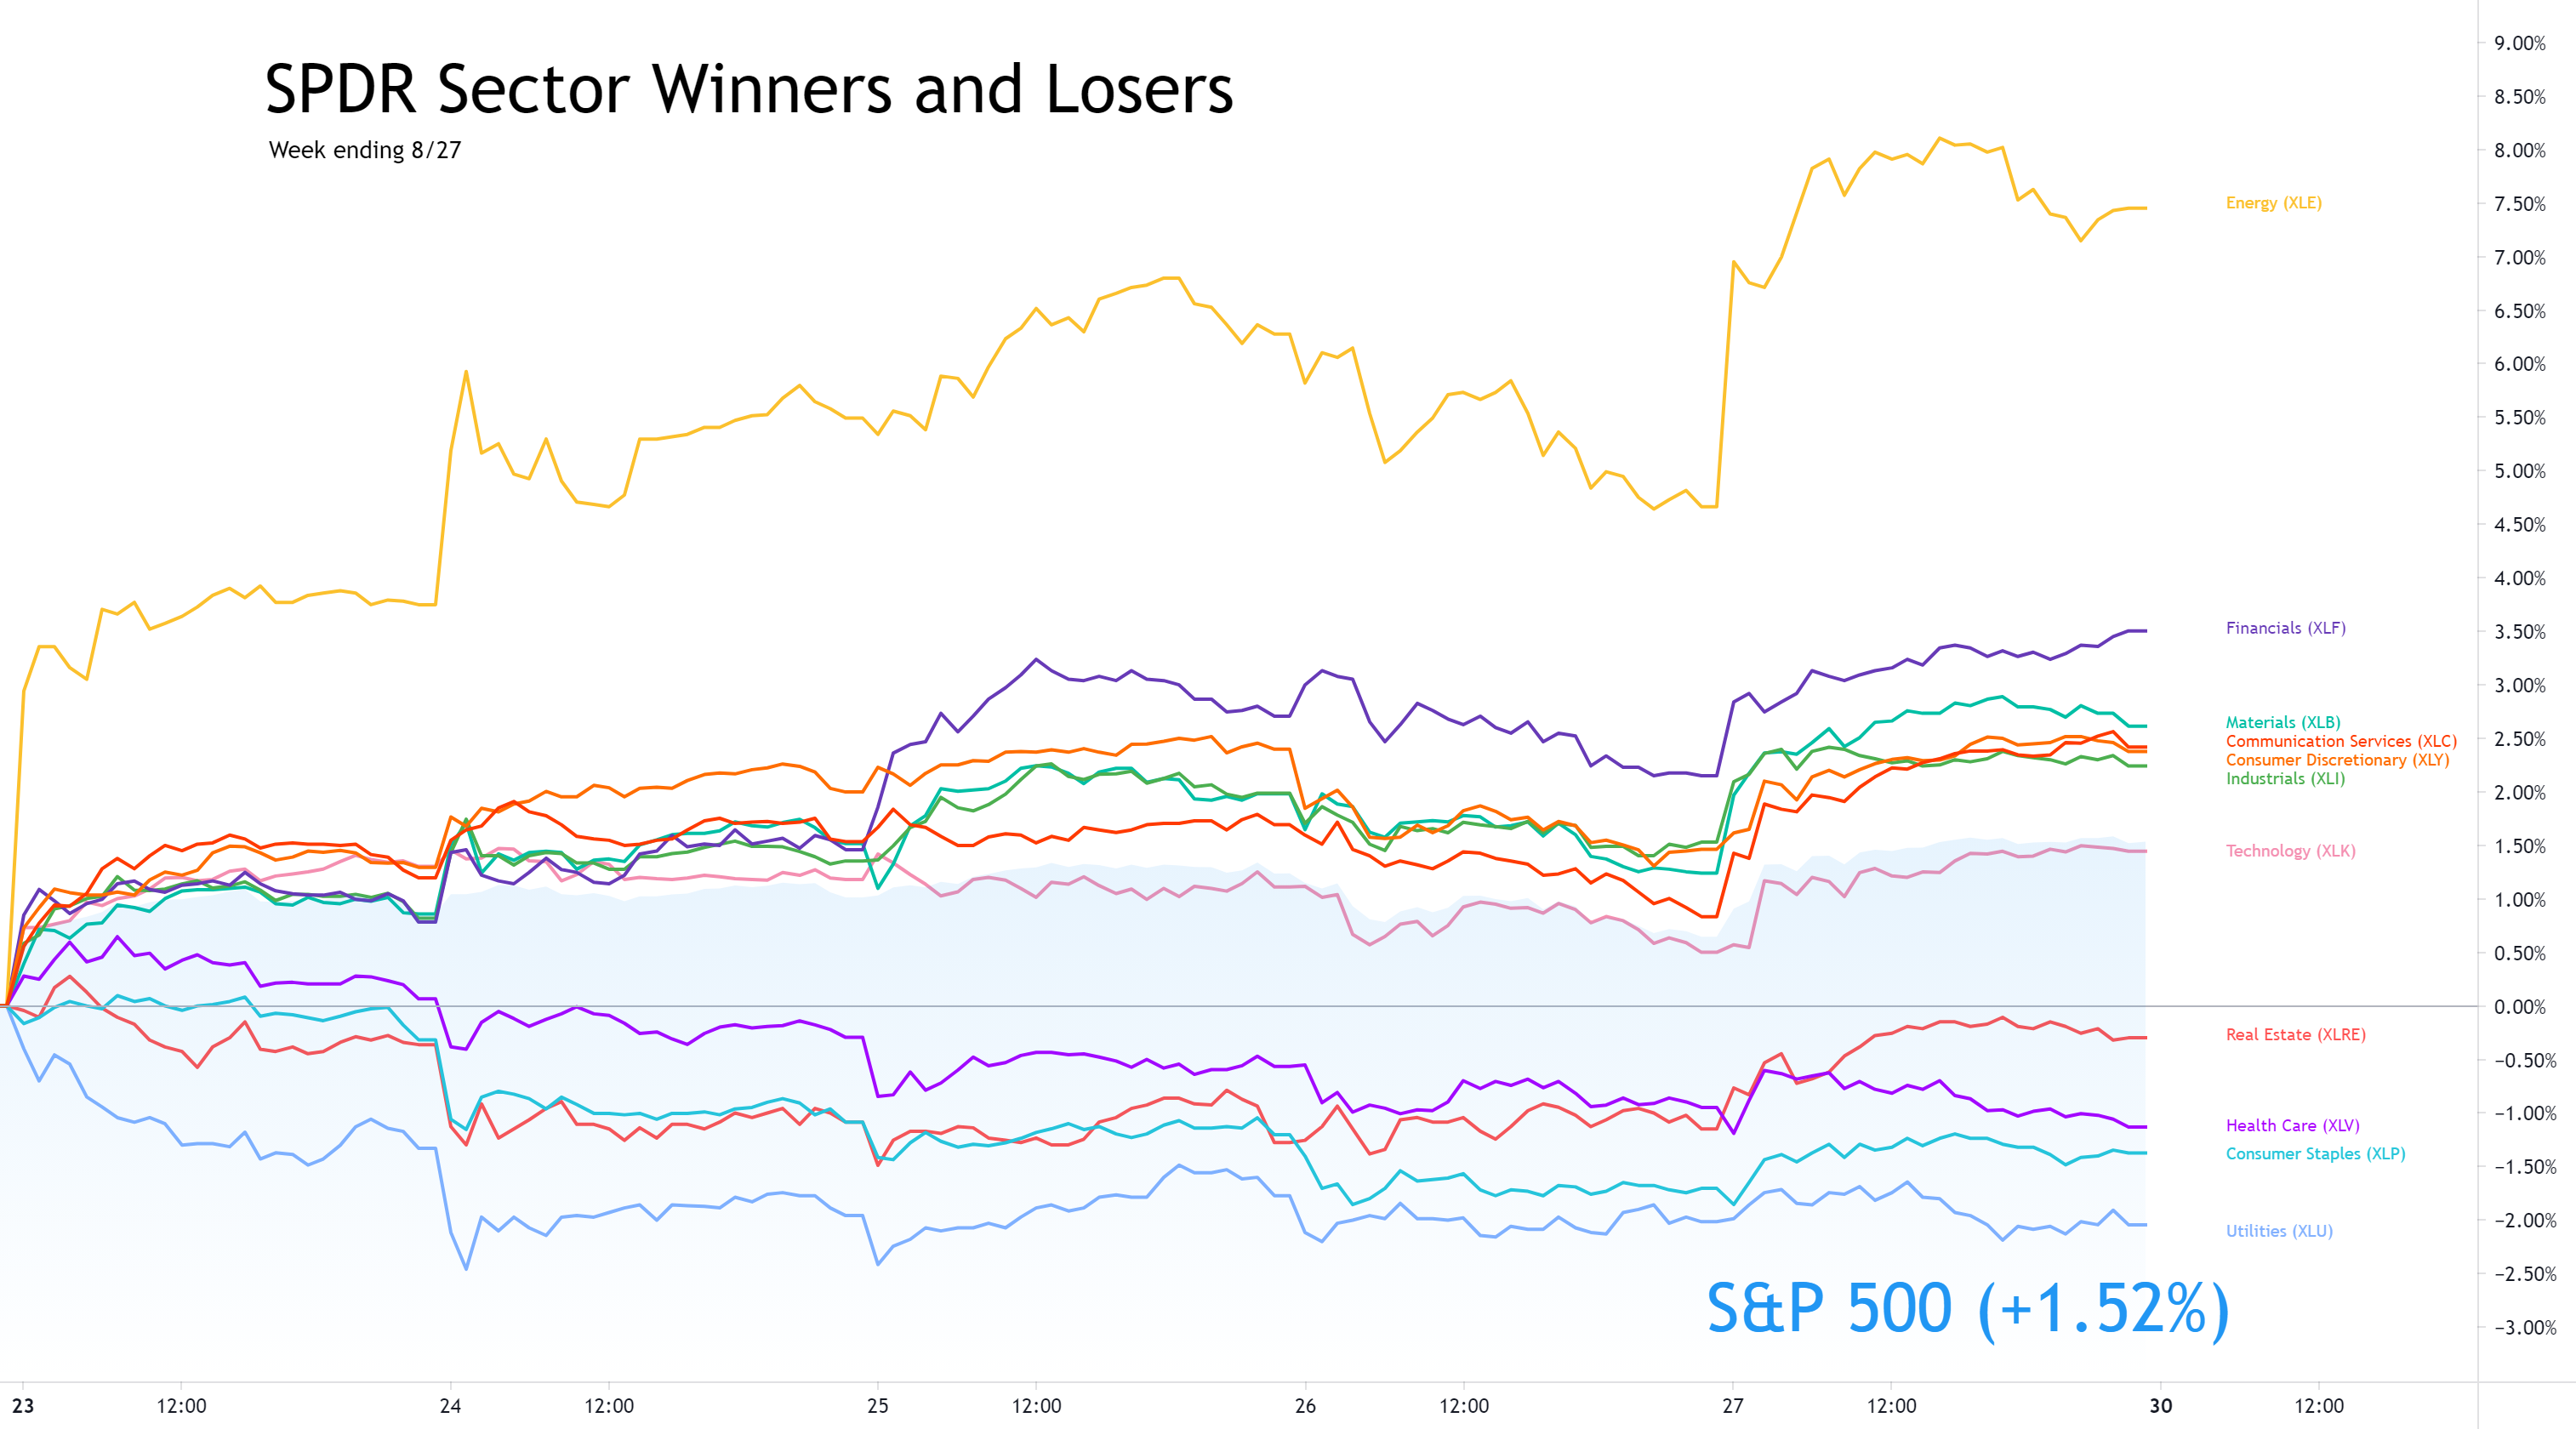 Sector Winners and Losers week ending 8/27